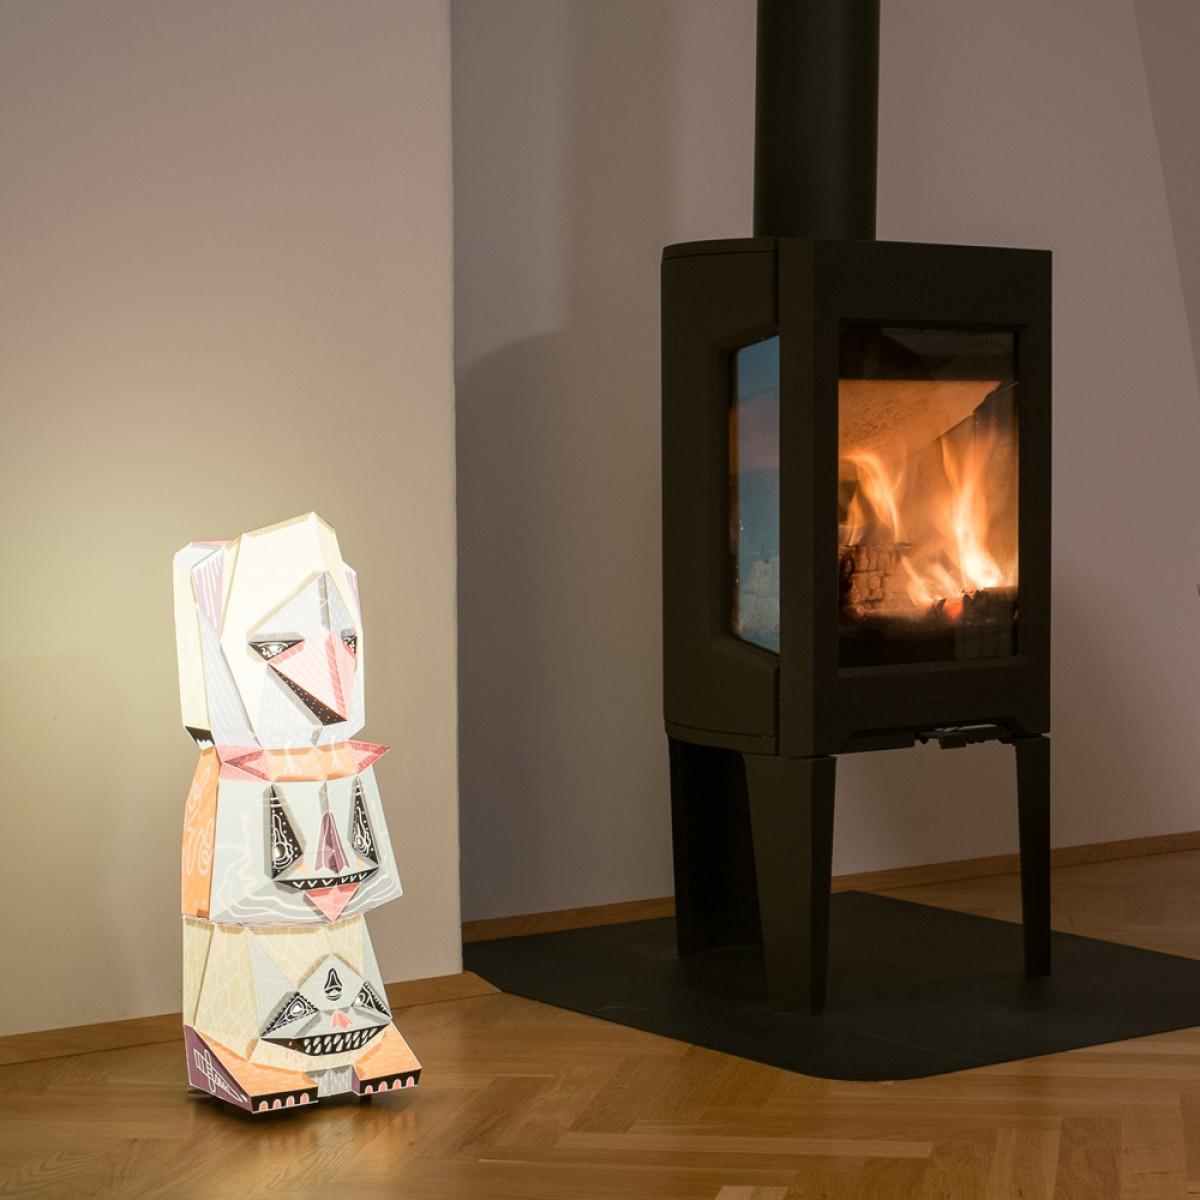 Gnaska X BOICUT – Ein Lampenschirm, ein Poster oder etwas Anderes... Du machst es selbst !